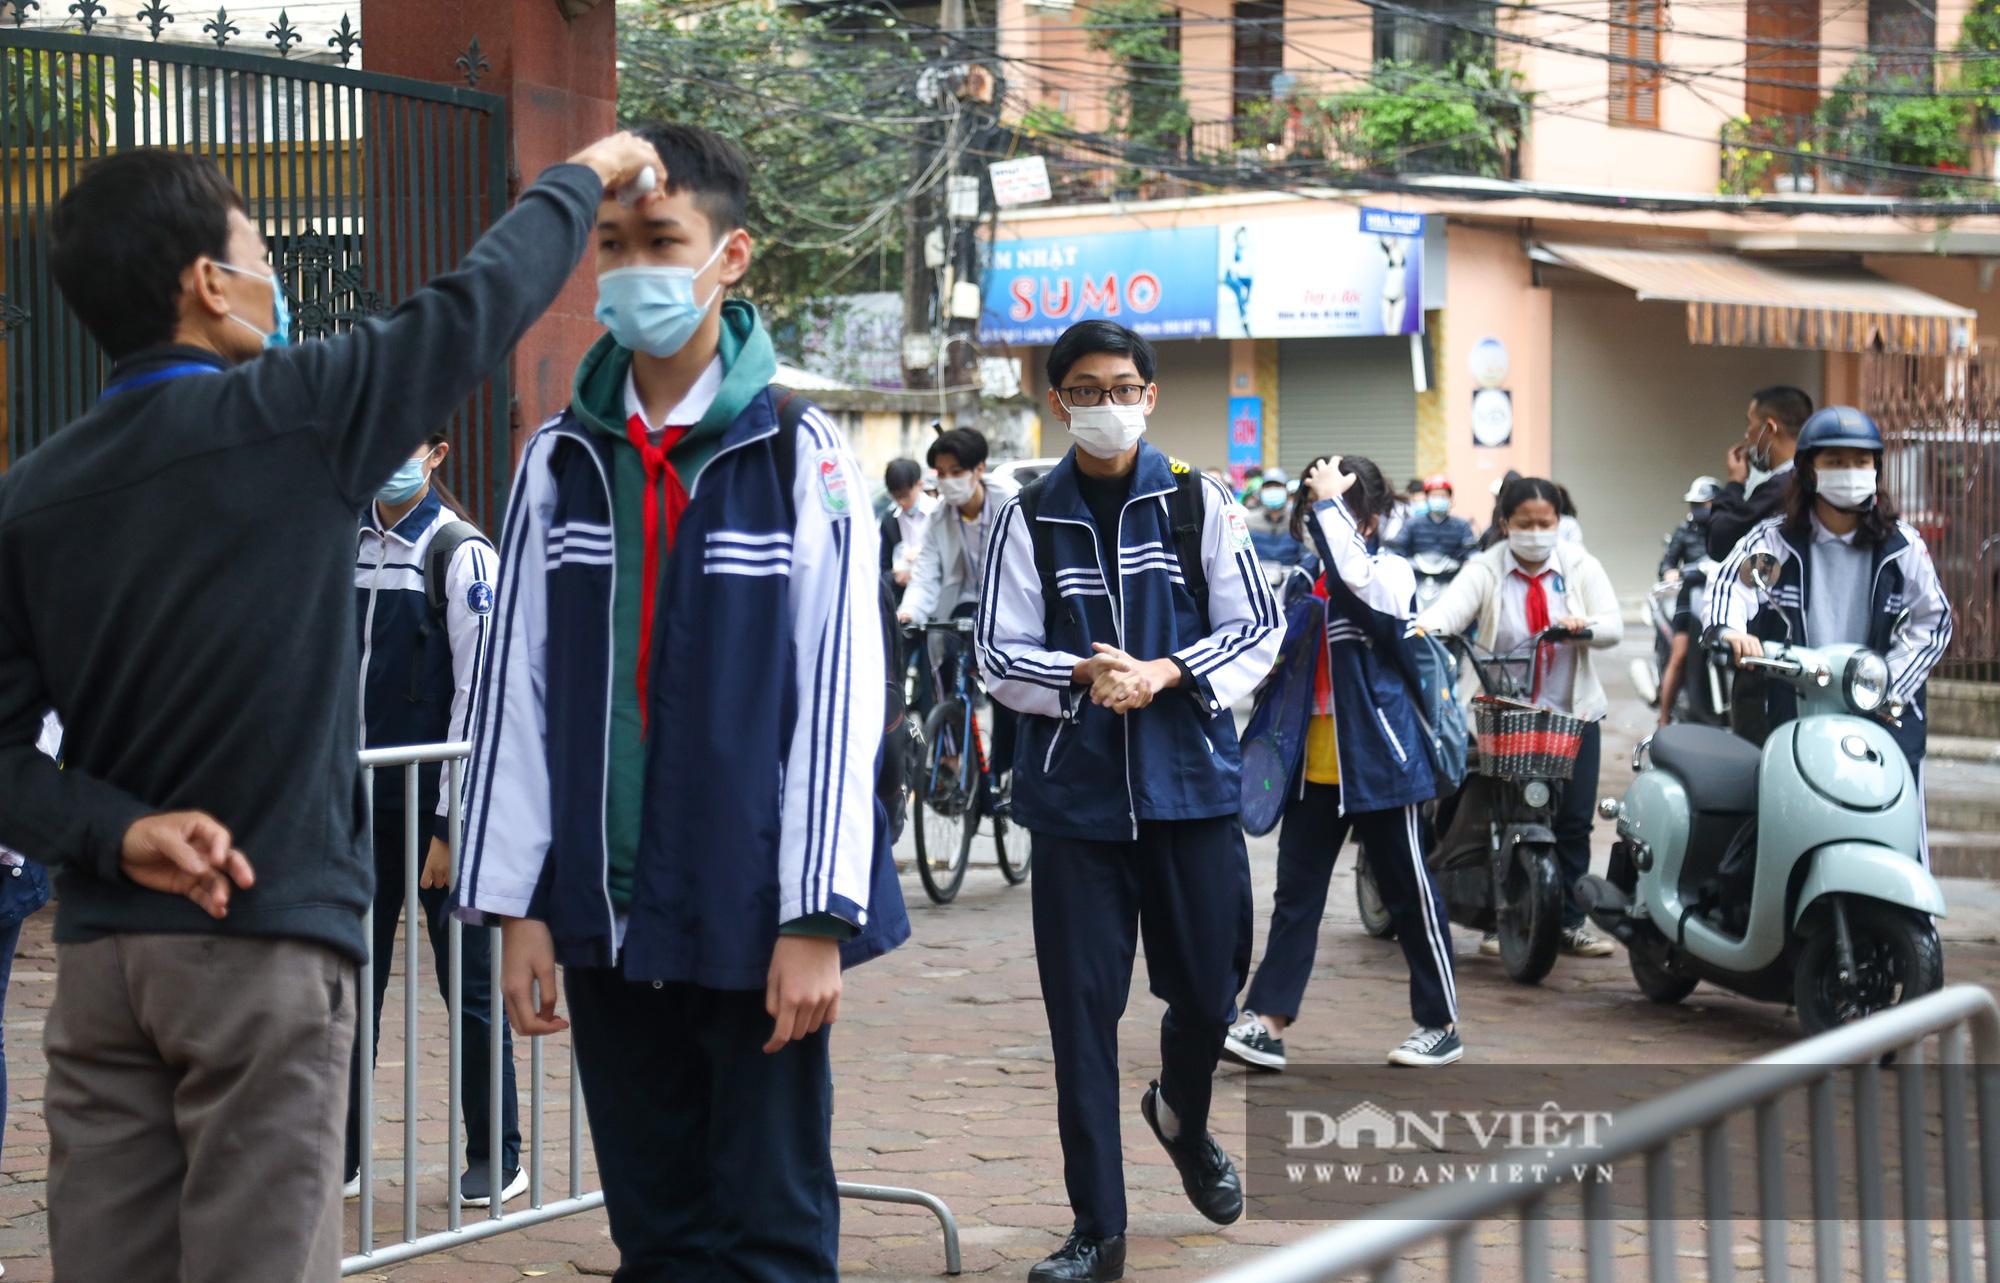 Đi học trở lại sau 30 ngày nghỉ Tết, học sinh Hà Nội được nhận lì xì - Ảnh 2.